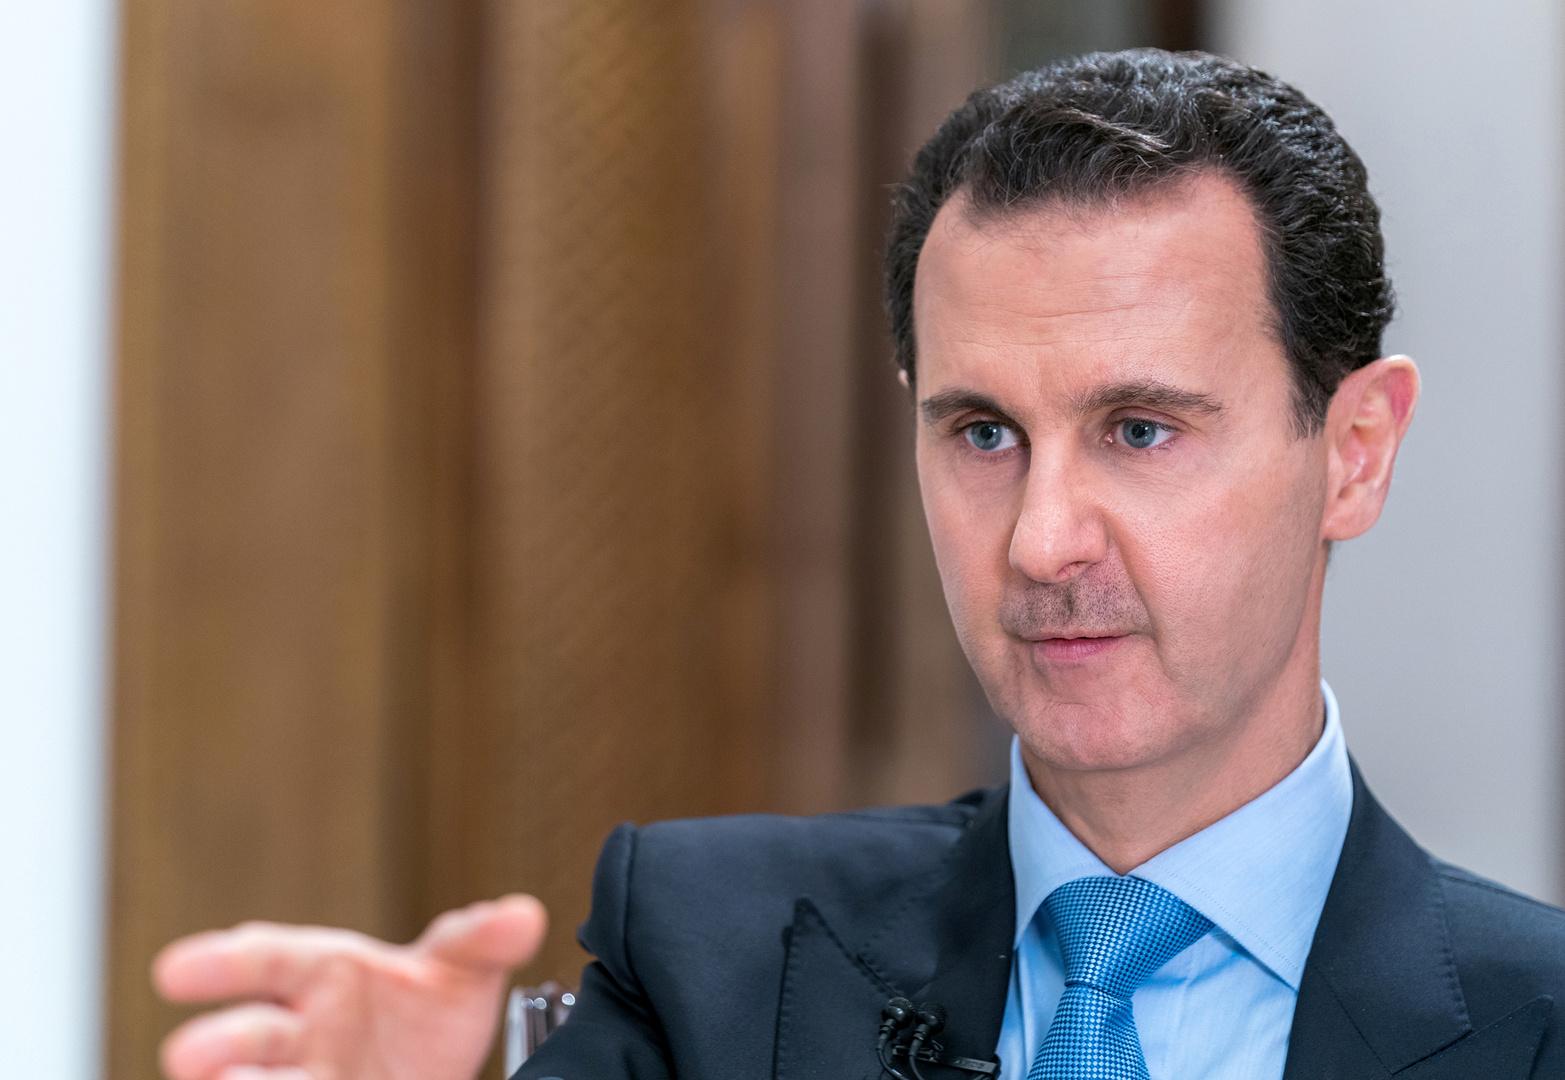 الأسد يعلق على تظاهرات لبنان والعراق